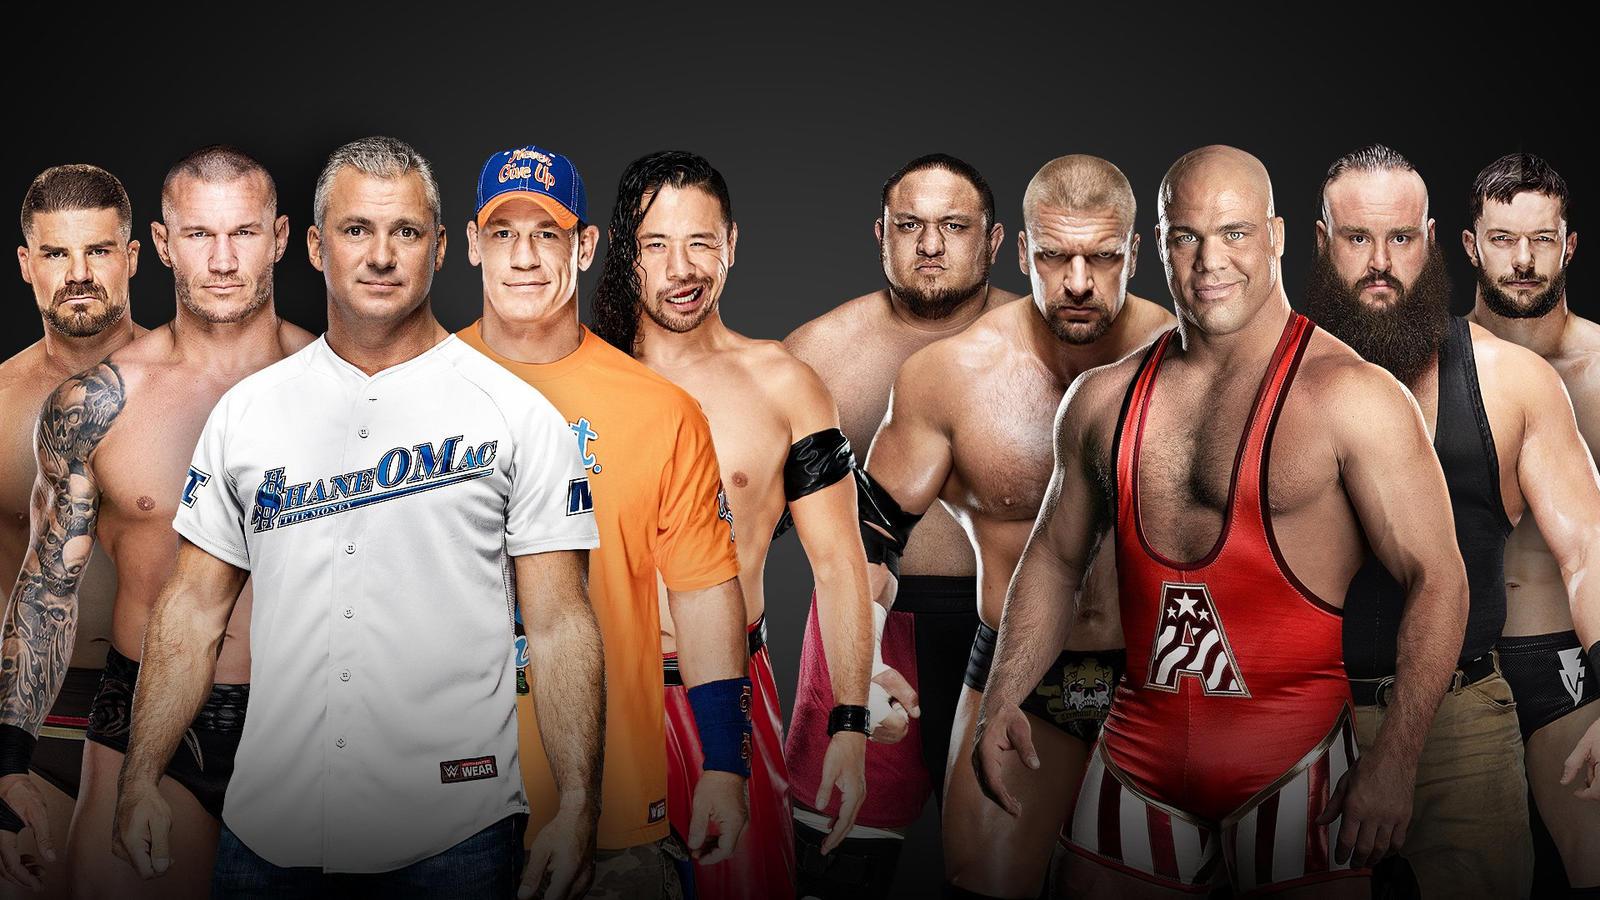 Triple H dołącza do drużyny RAW, zaaktualizowany skład walki RAW vs. SmackDown na Survivor Series